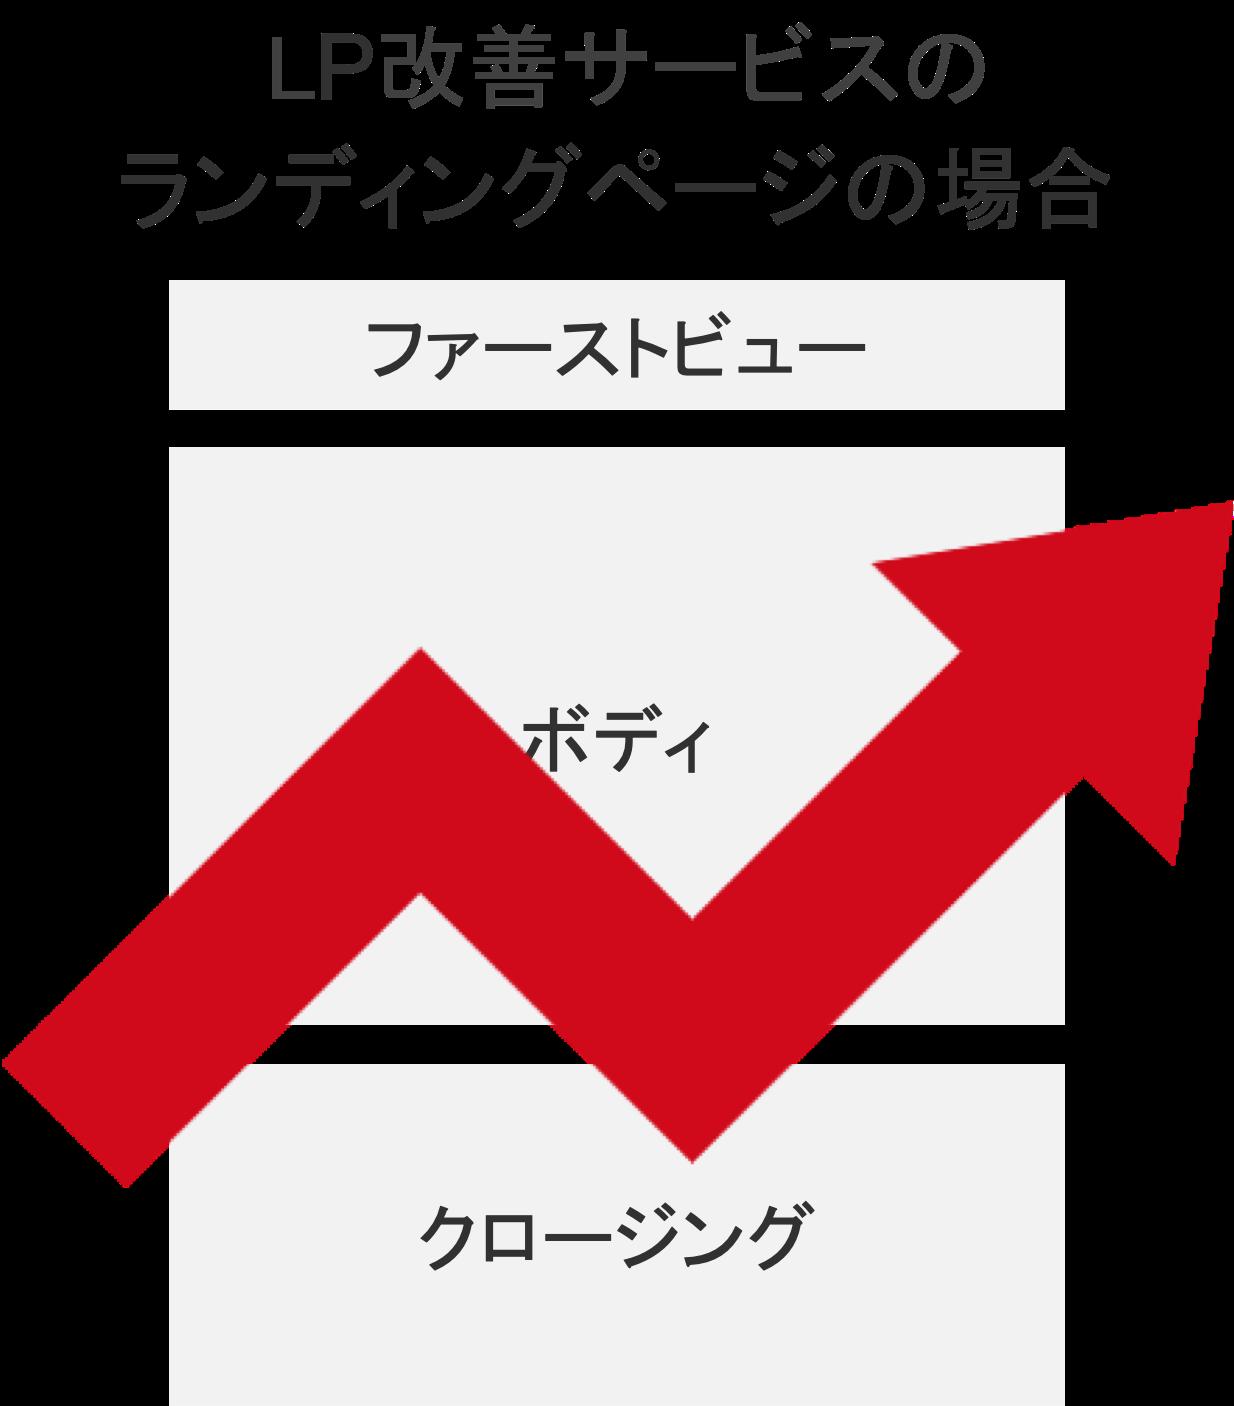 ランディングページ(LP)の構成要素「メイン画像」の具体例